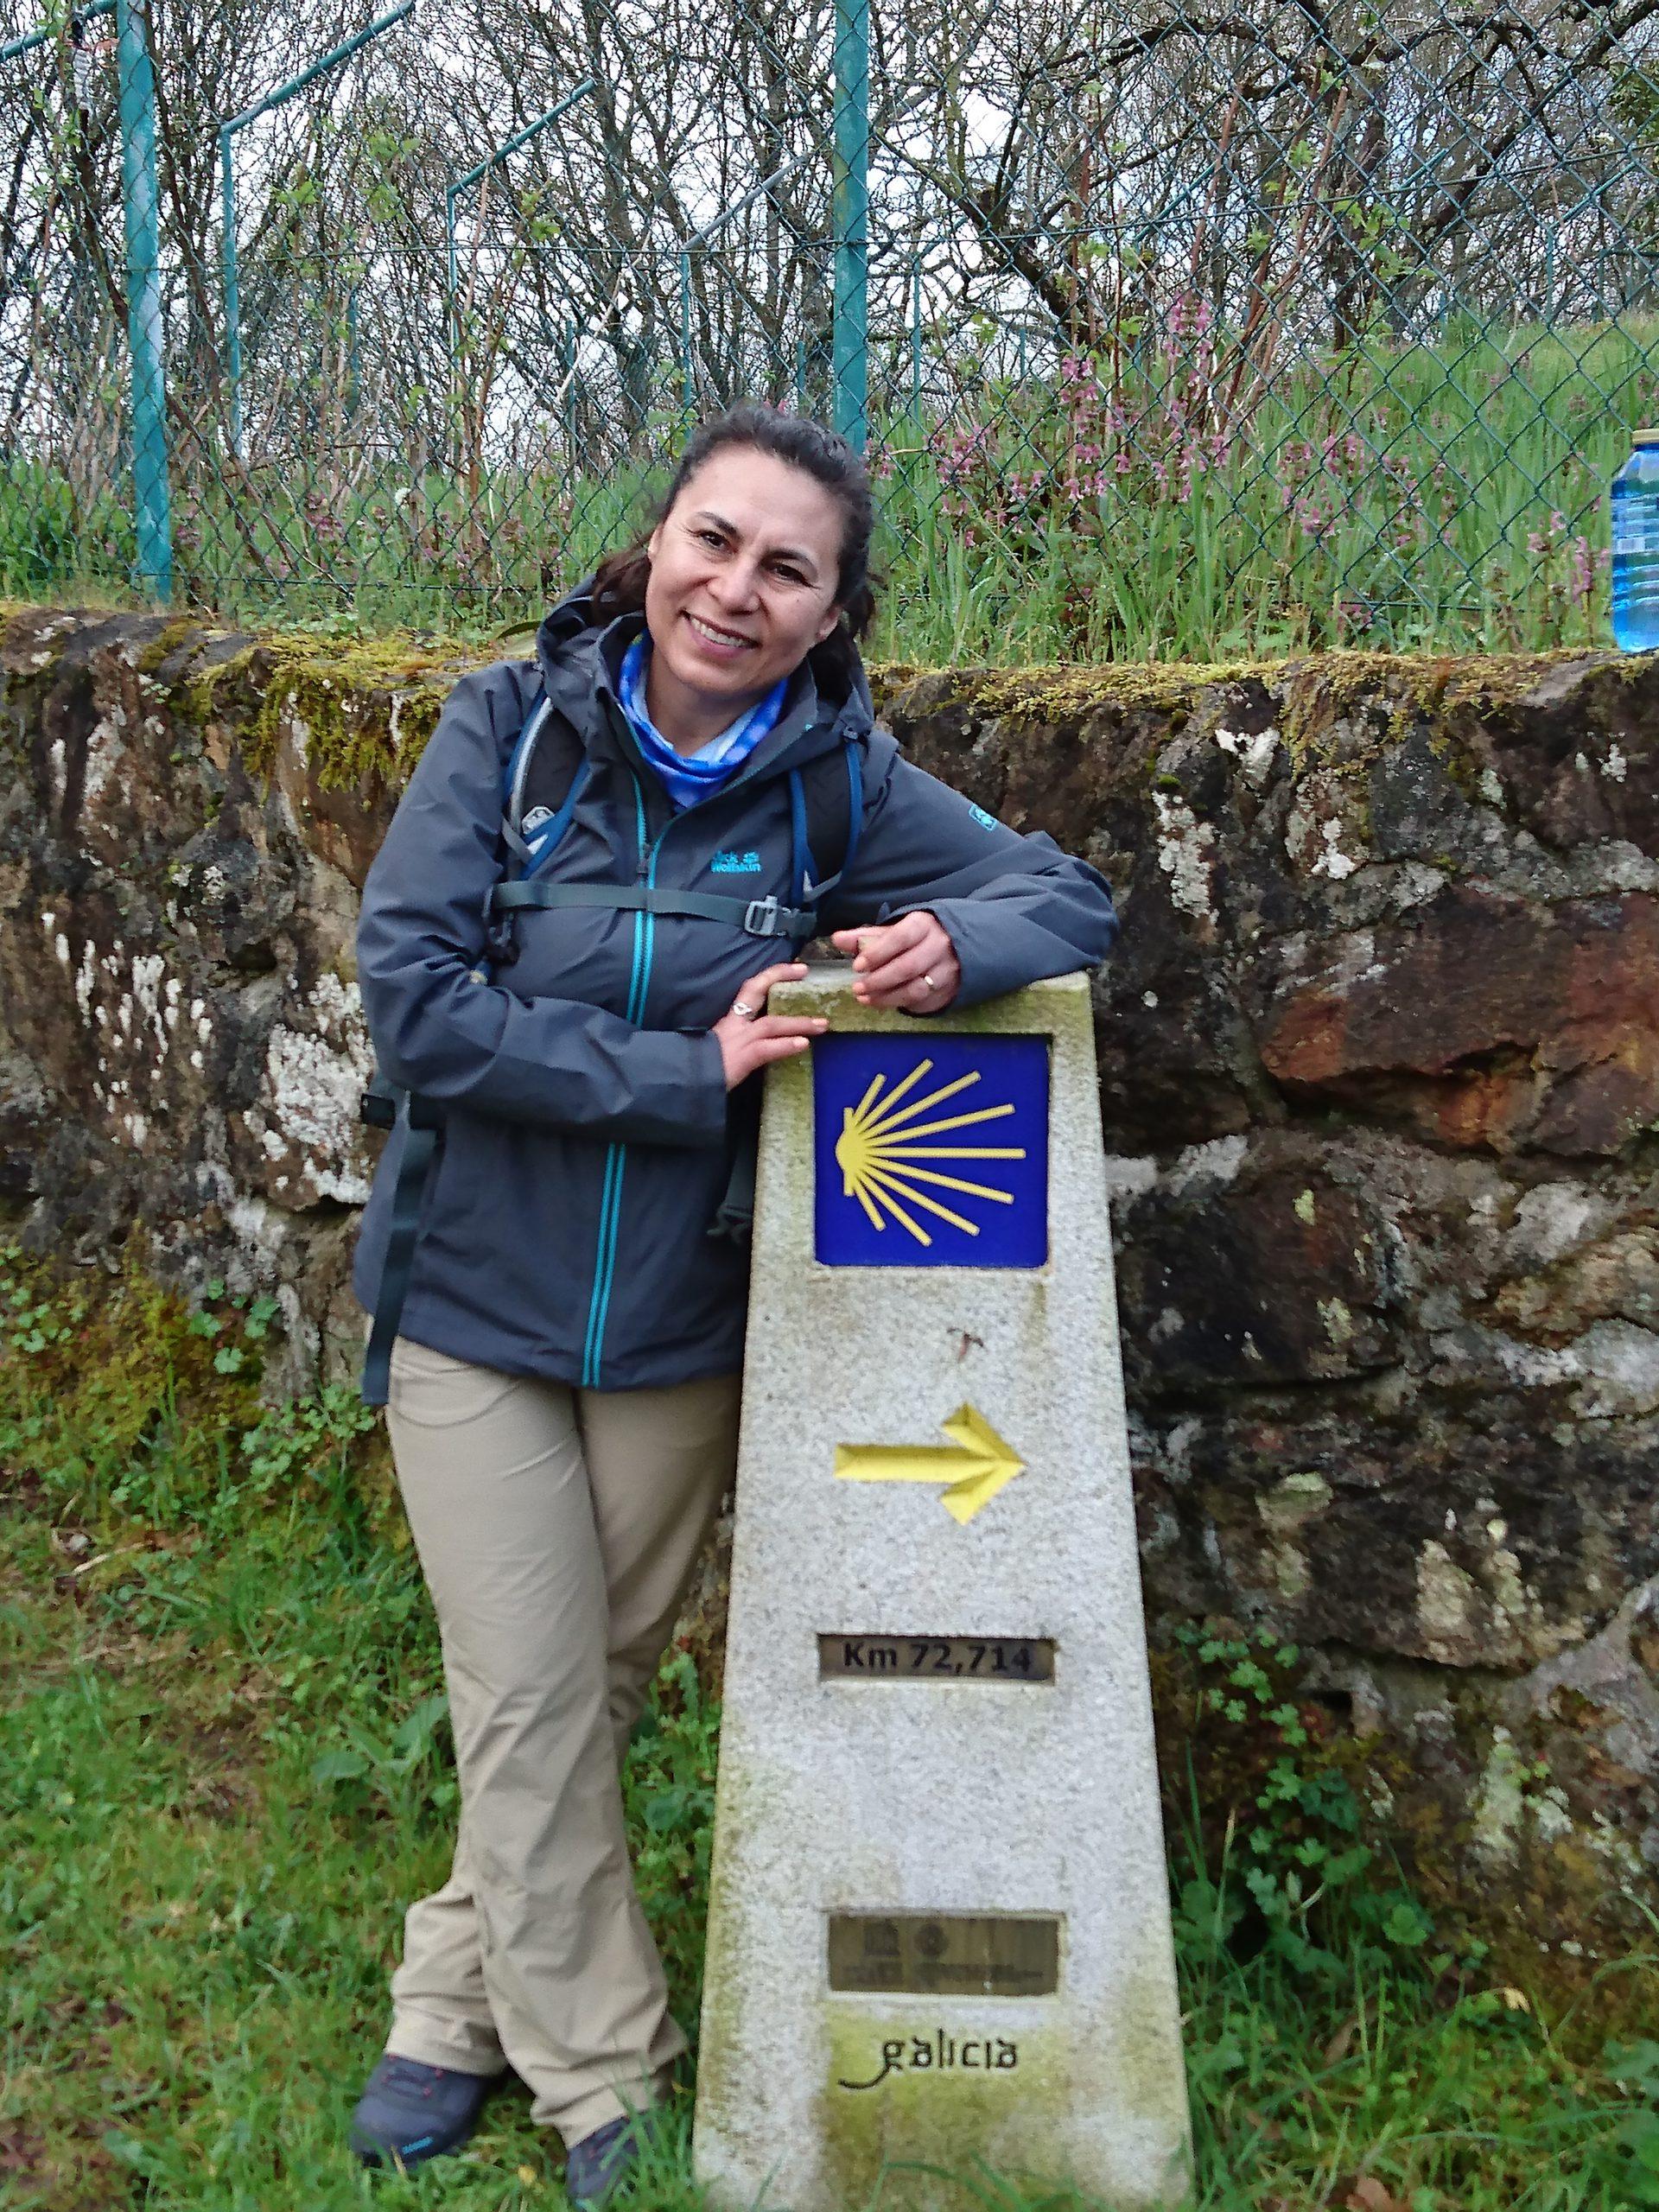 Lourdes Cruzado de Jäger